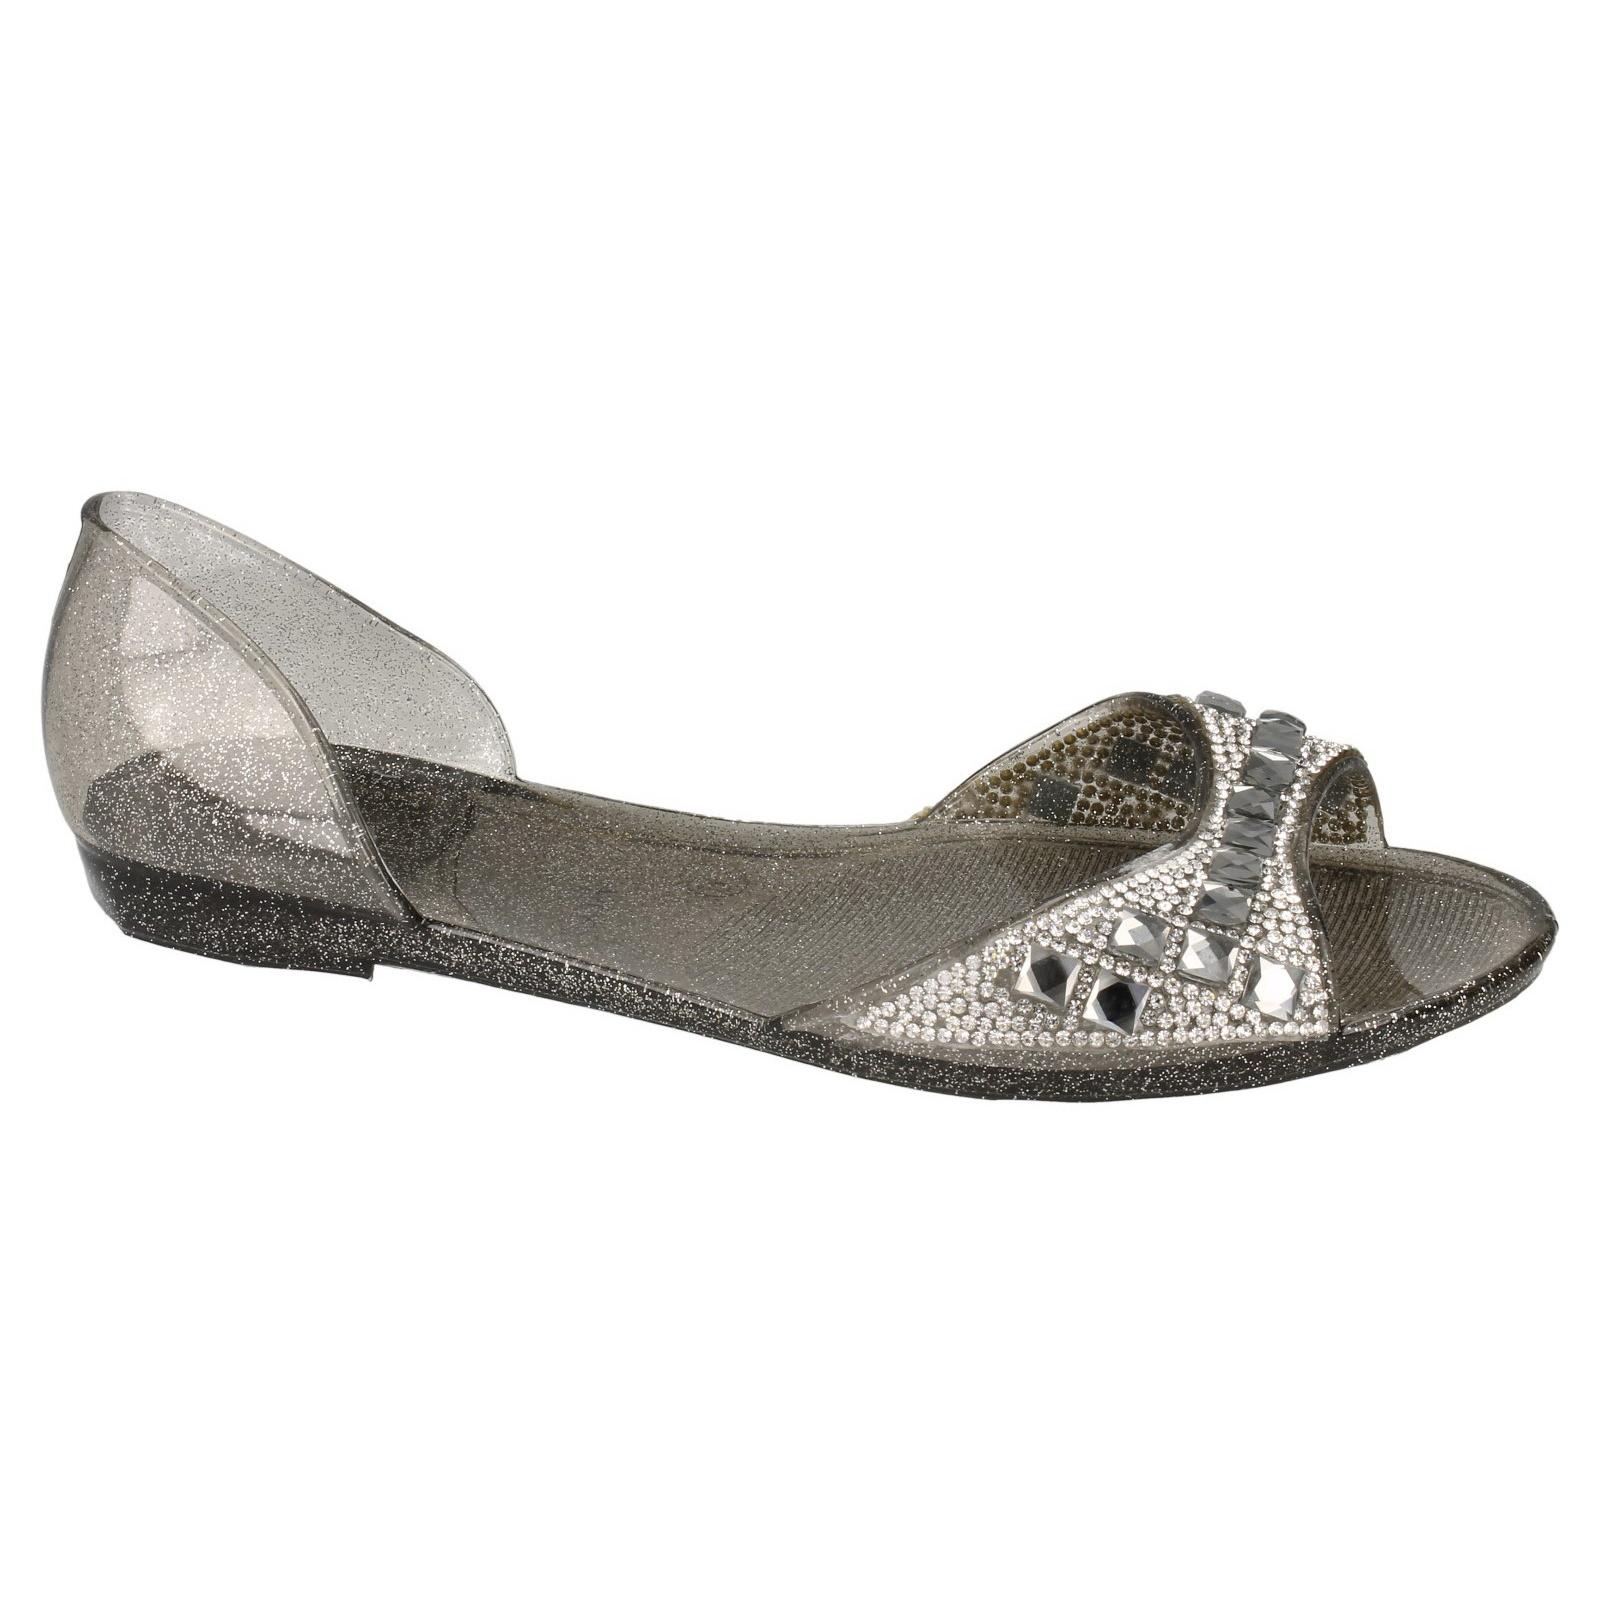 Spot on Mujer/Dama Diamante Tachonado Puntera Abierta Jalea Ballet Zapatos sin Taco Sin